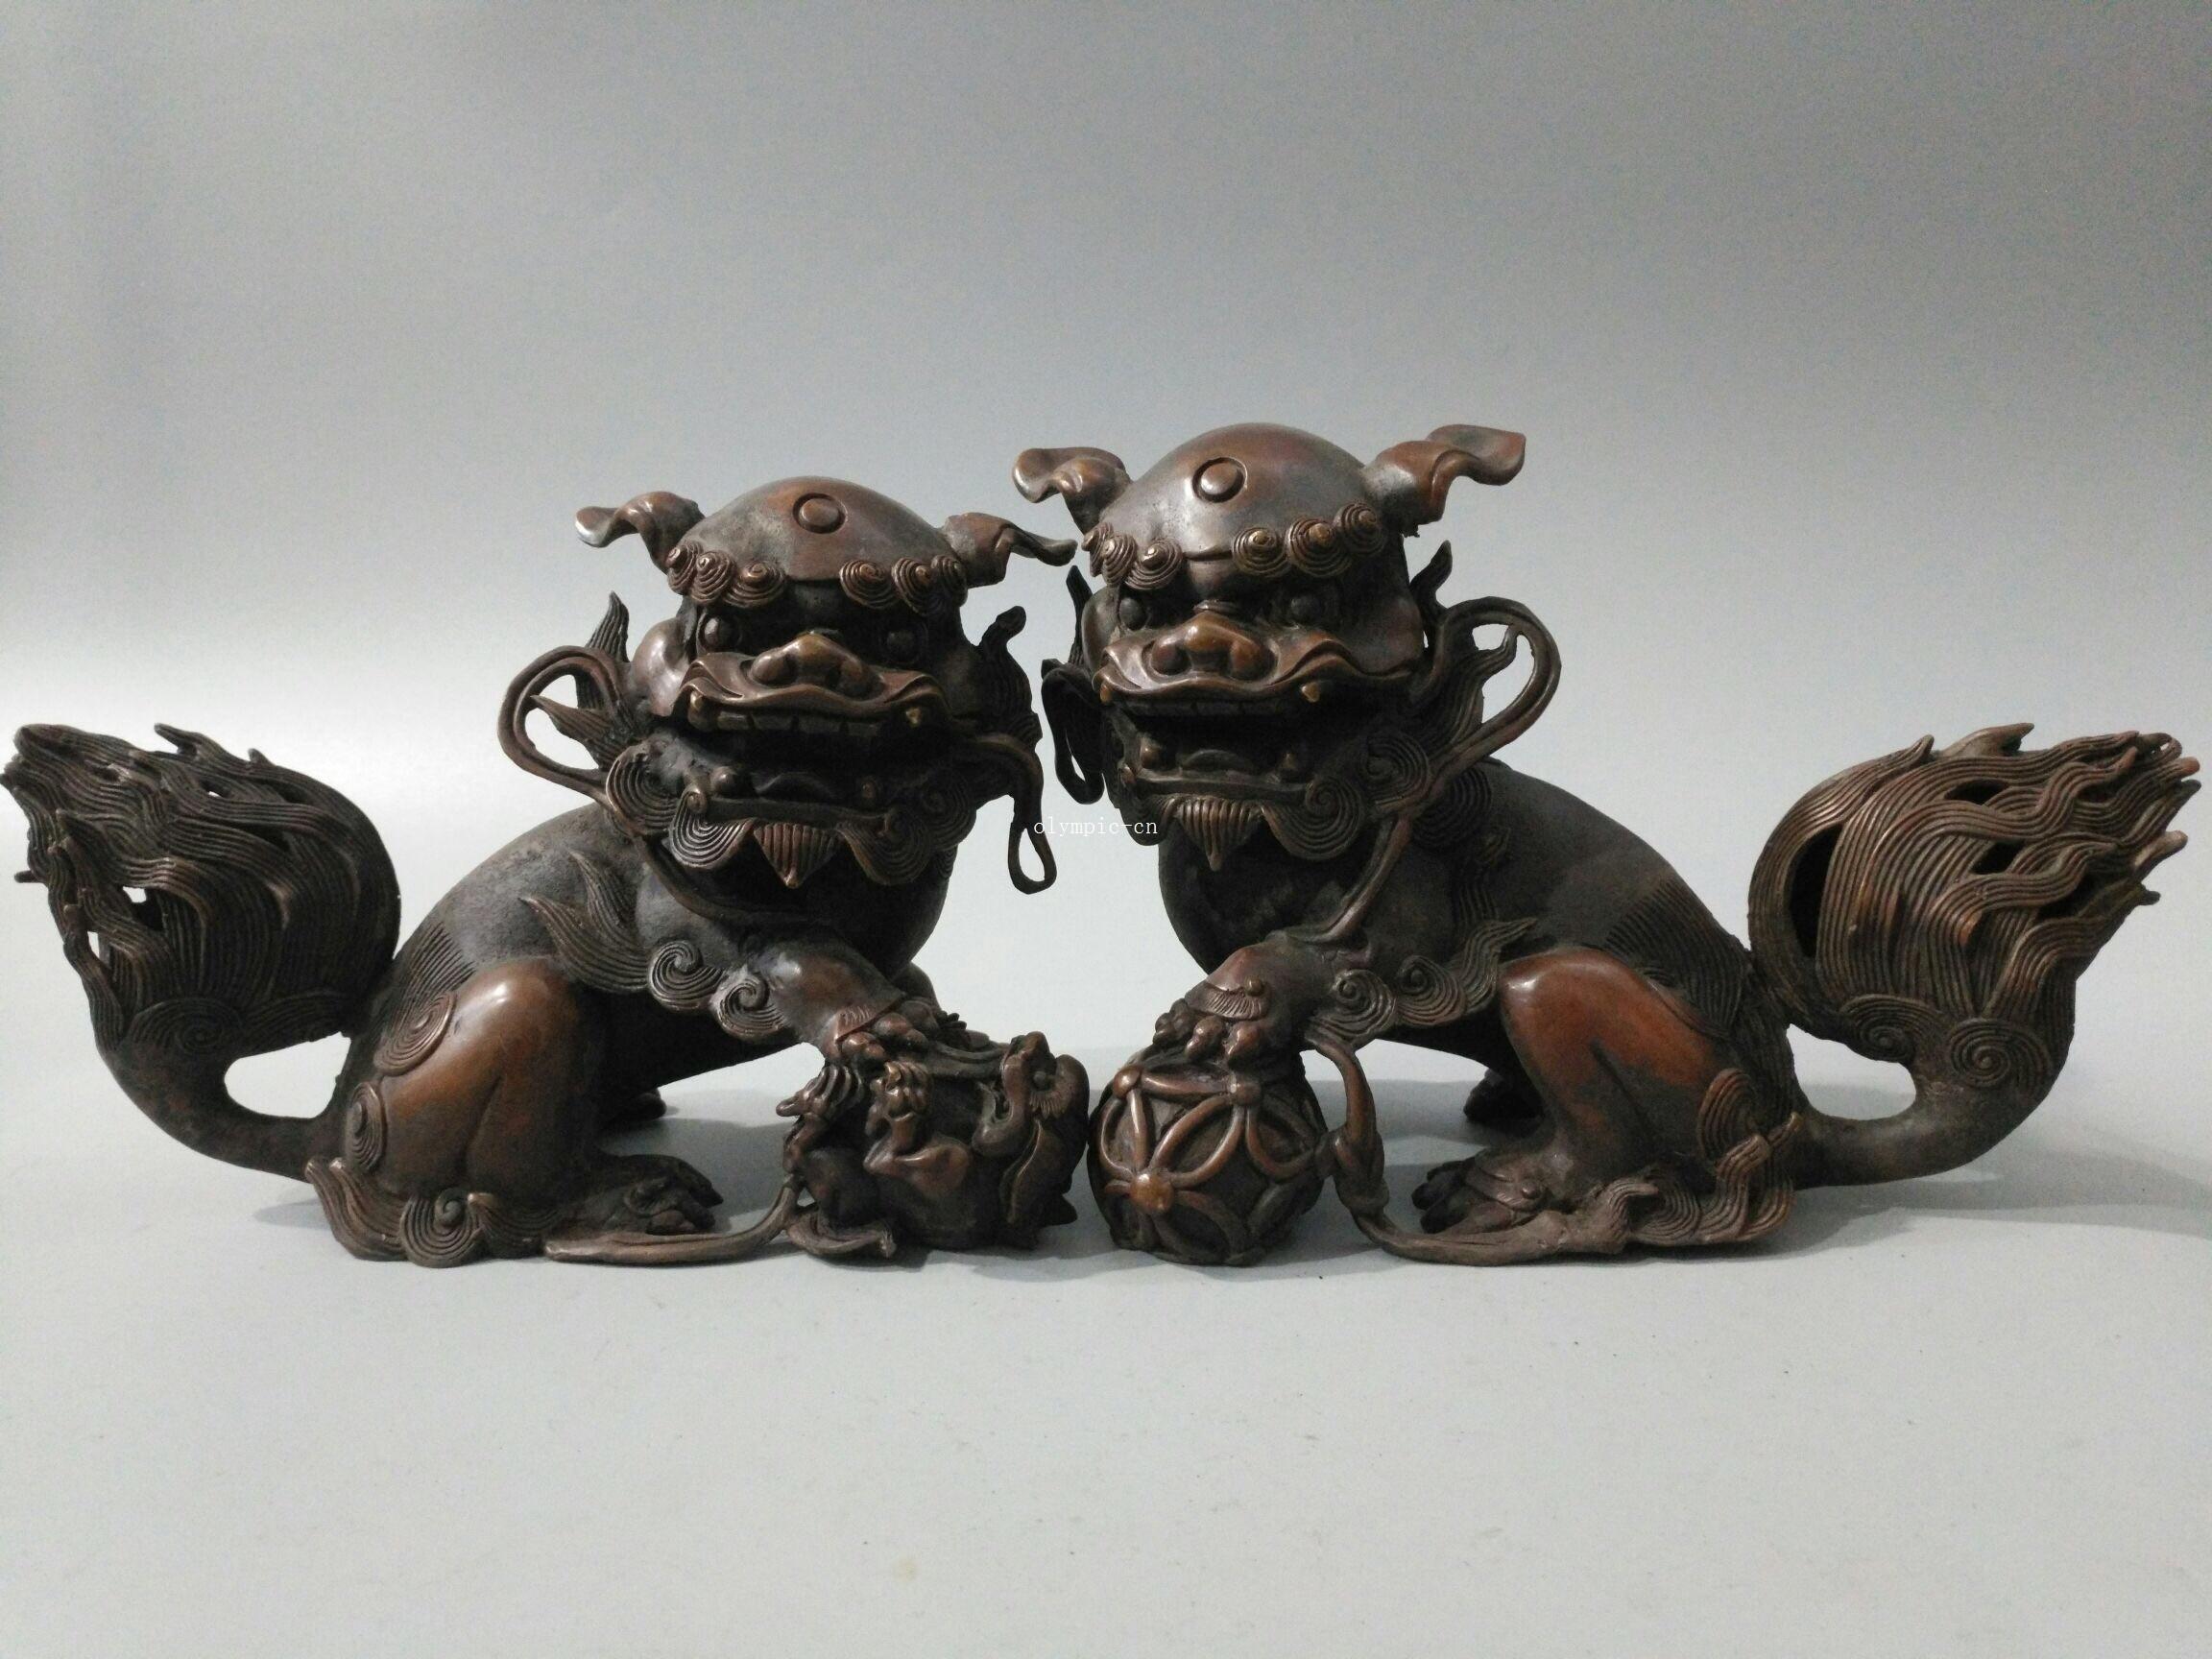 carved treasure Pair foo copper beast beast 10'' Pair bronze